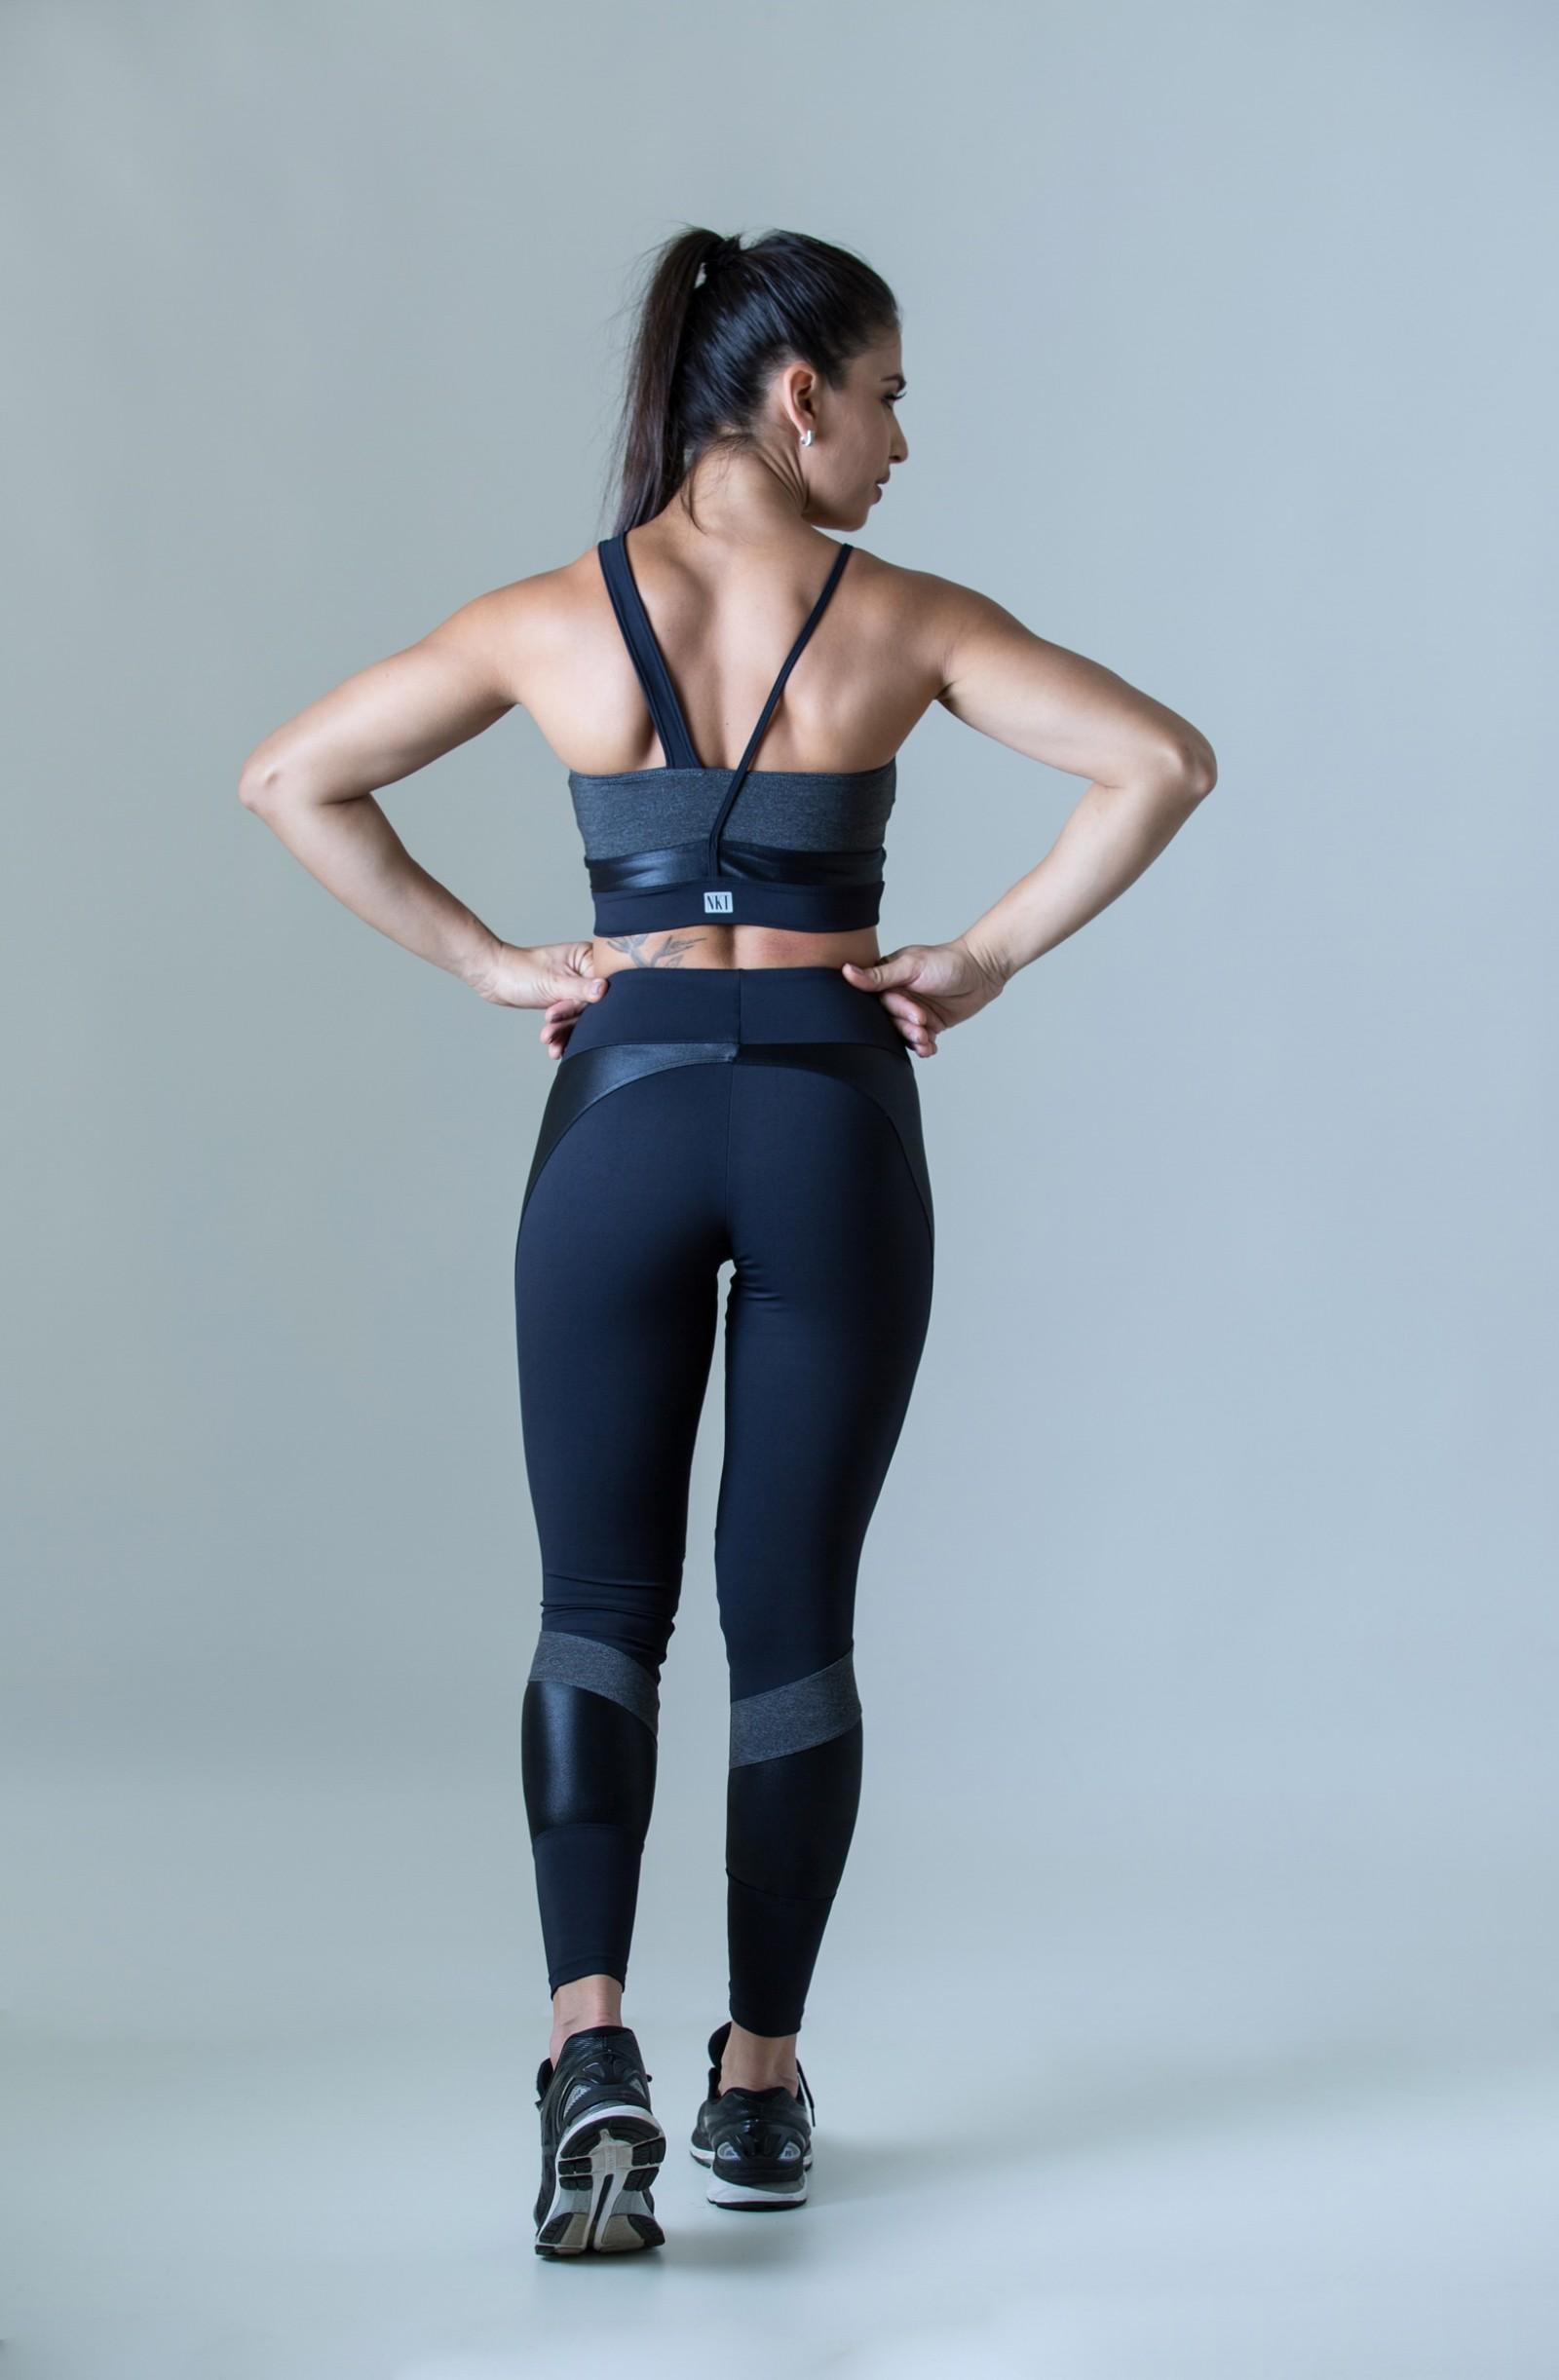 Top Fullness Mescla Escuro, Coleção Plenitude - NKT Fitwear Moda Fitness